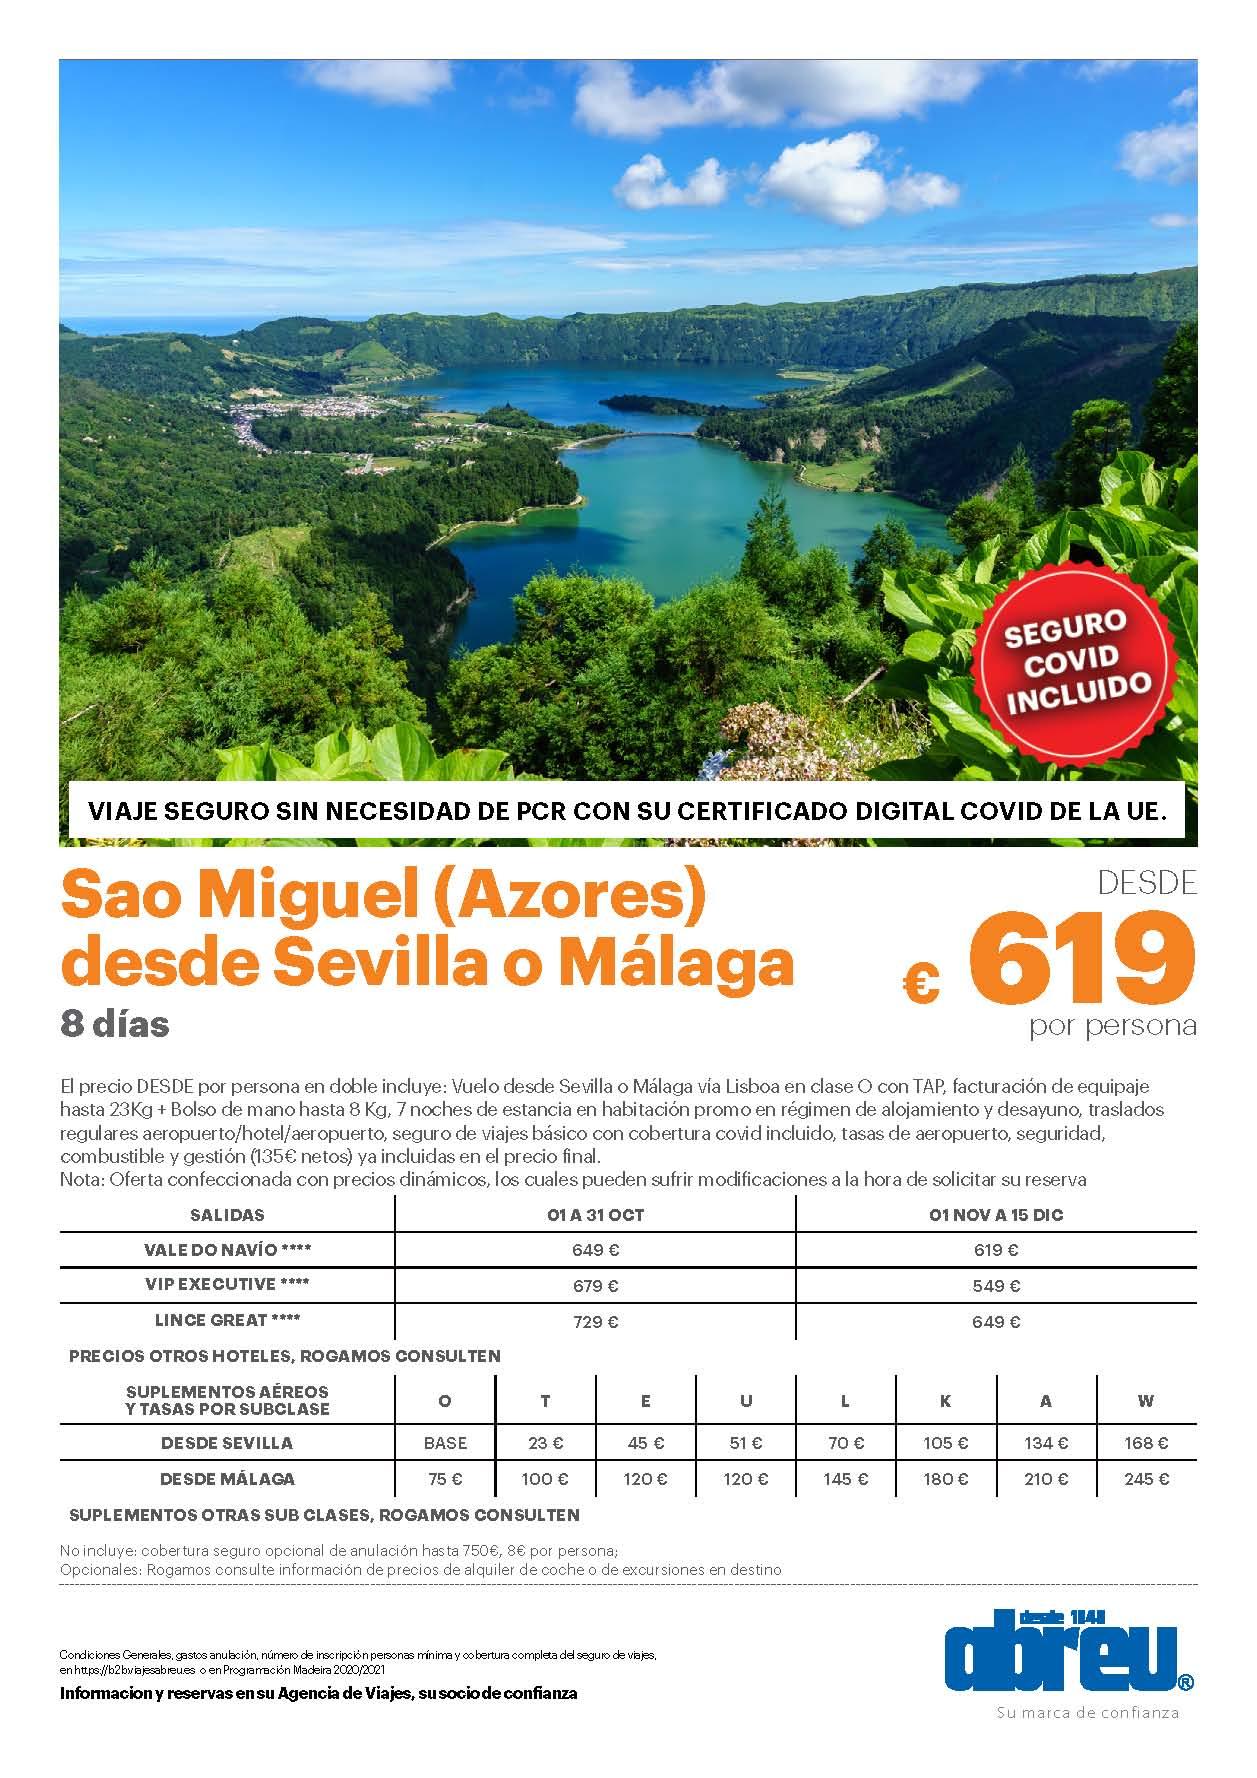 Oferta Abreu Azores Isla de Sao Miguel Octubre Noviembre y Diciembre 2021 salidas desde Sevilla y Malaga